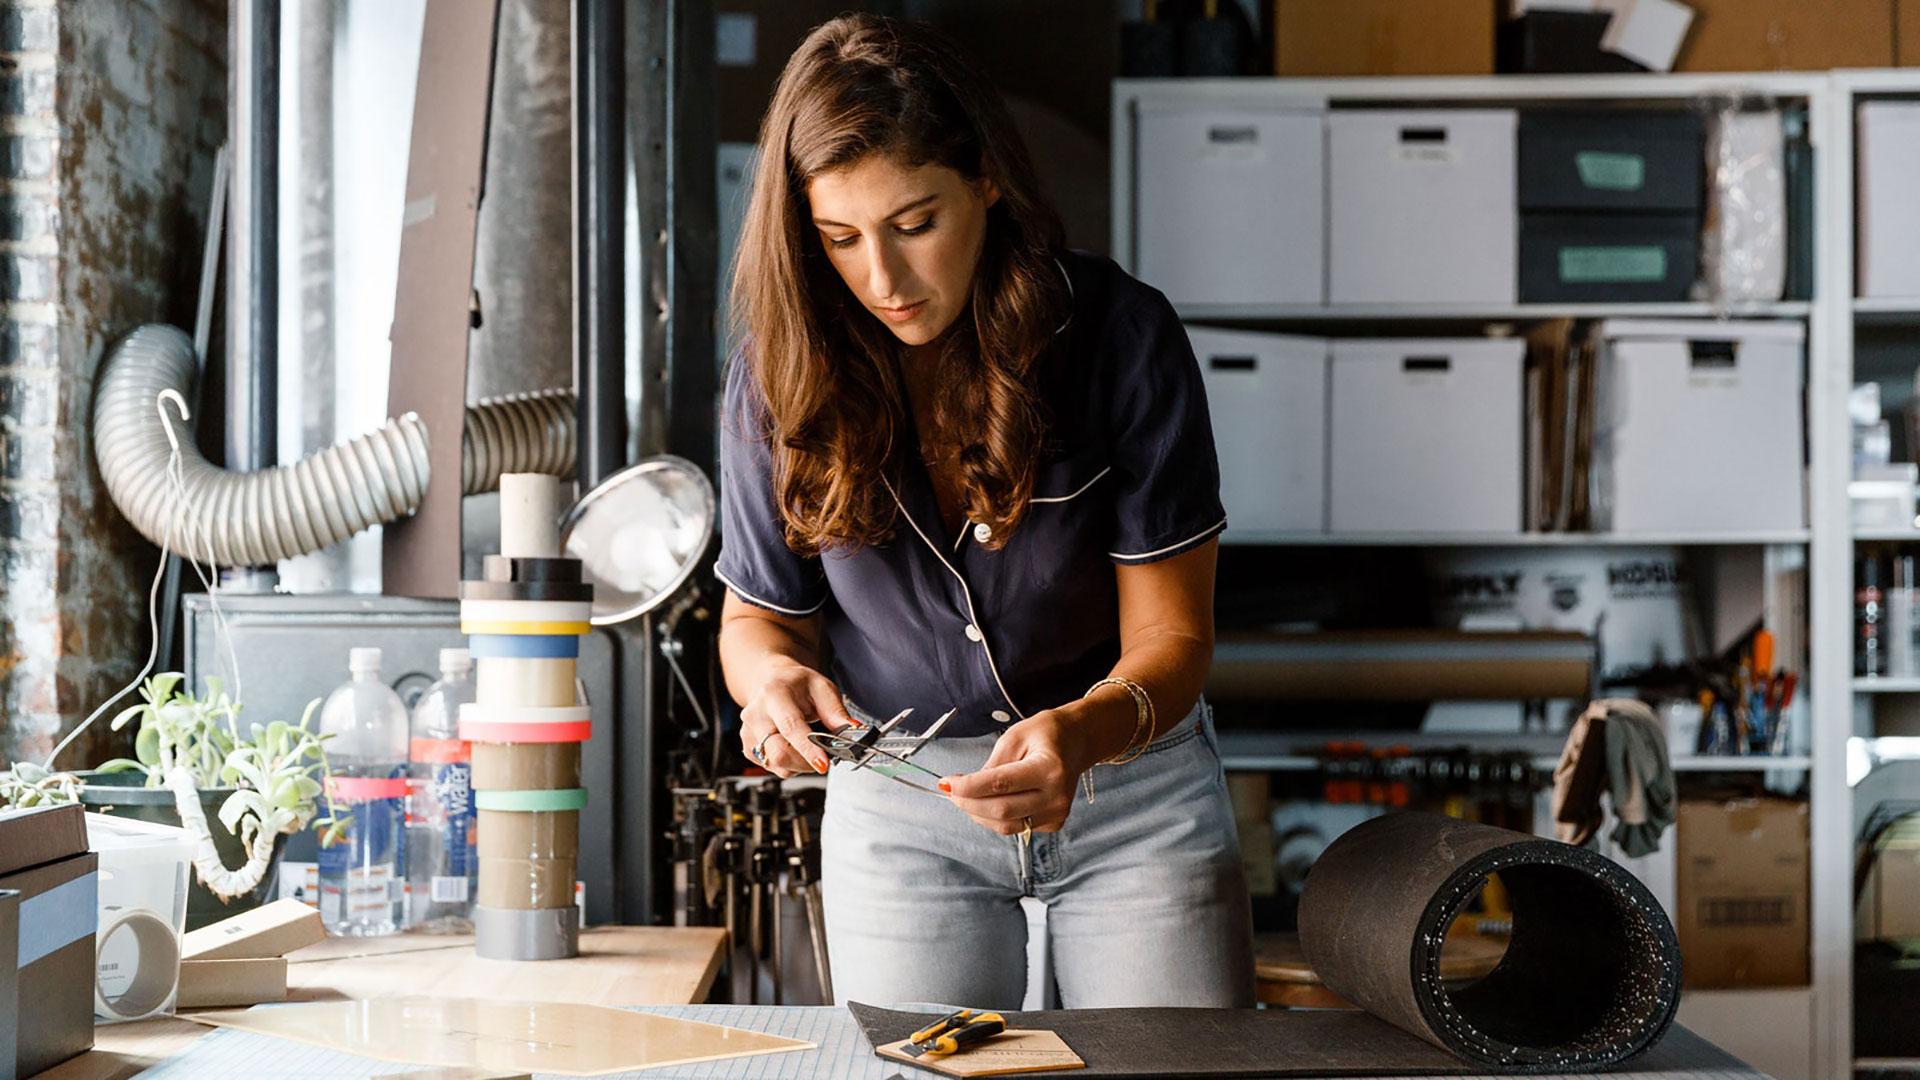 Il futuro dell'artigianato è nell ecodesign: scopri alcuni interessanti progetti